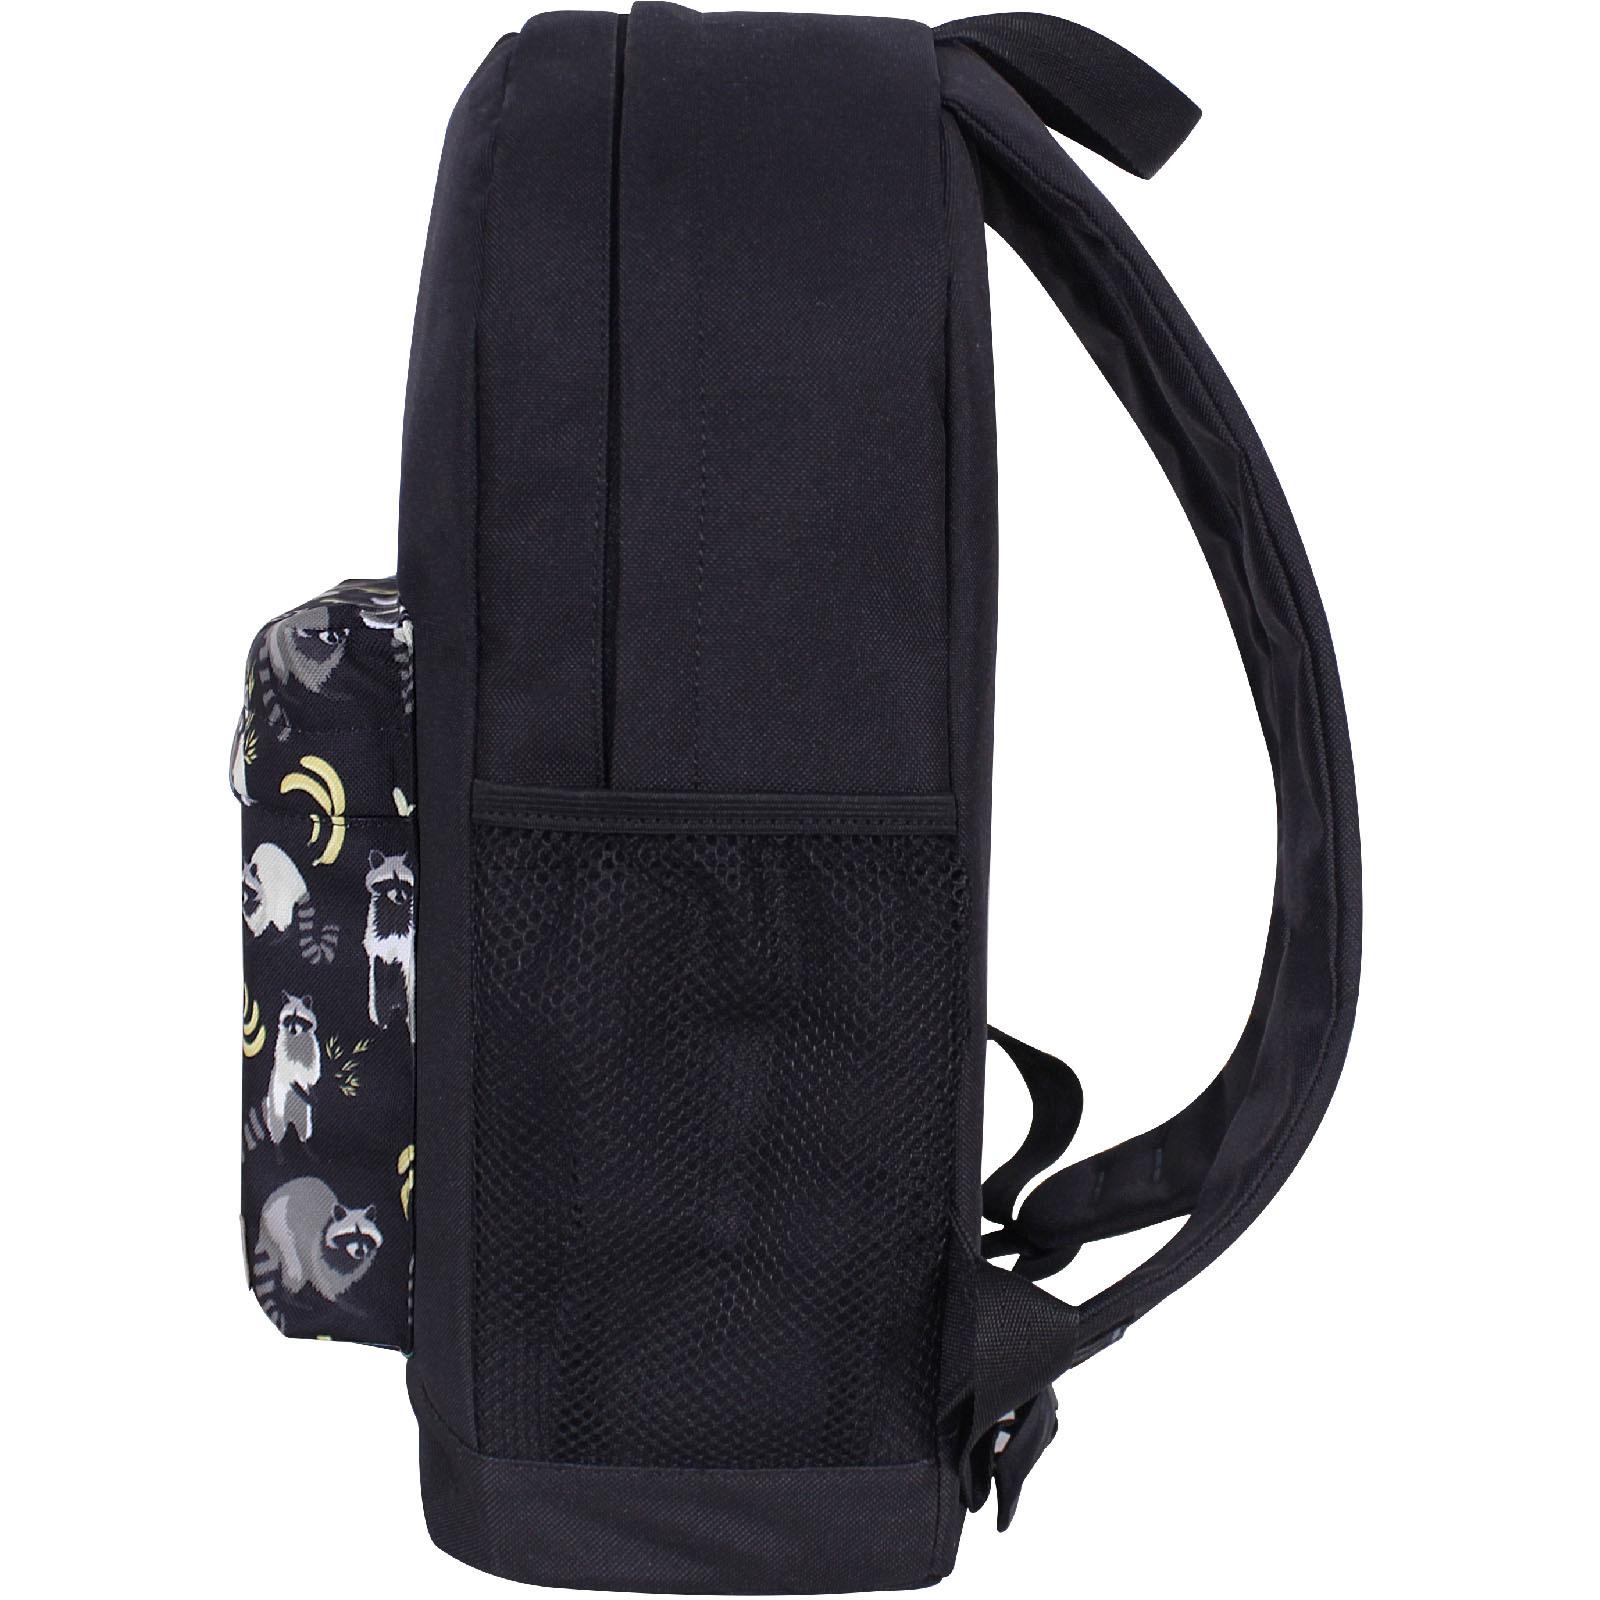 Рюкзак Bagland Молодежный W/R 17 л. черный 983 (00533662)